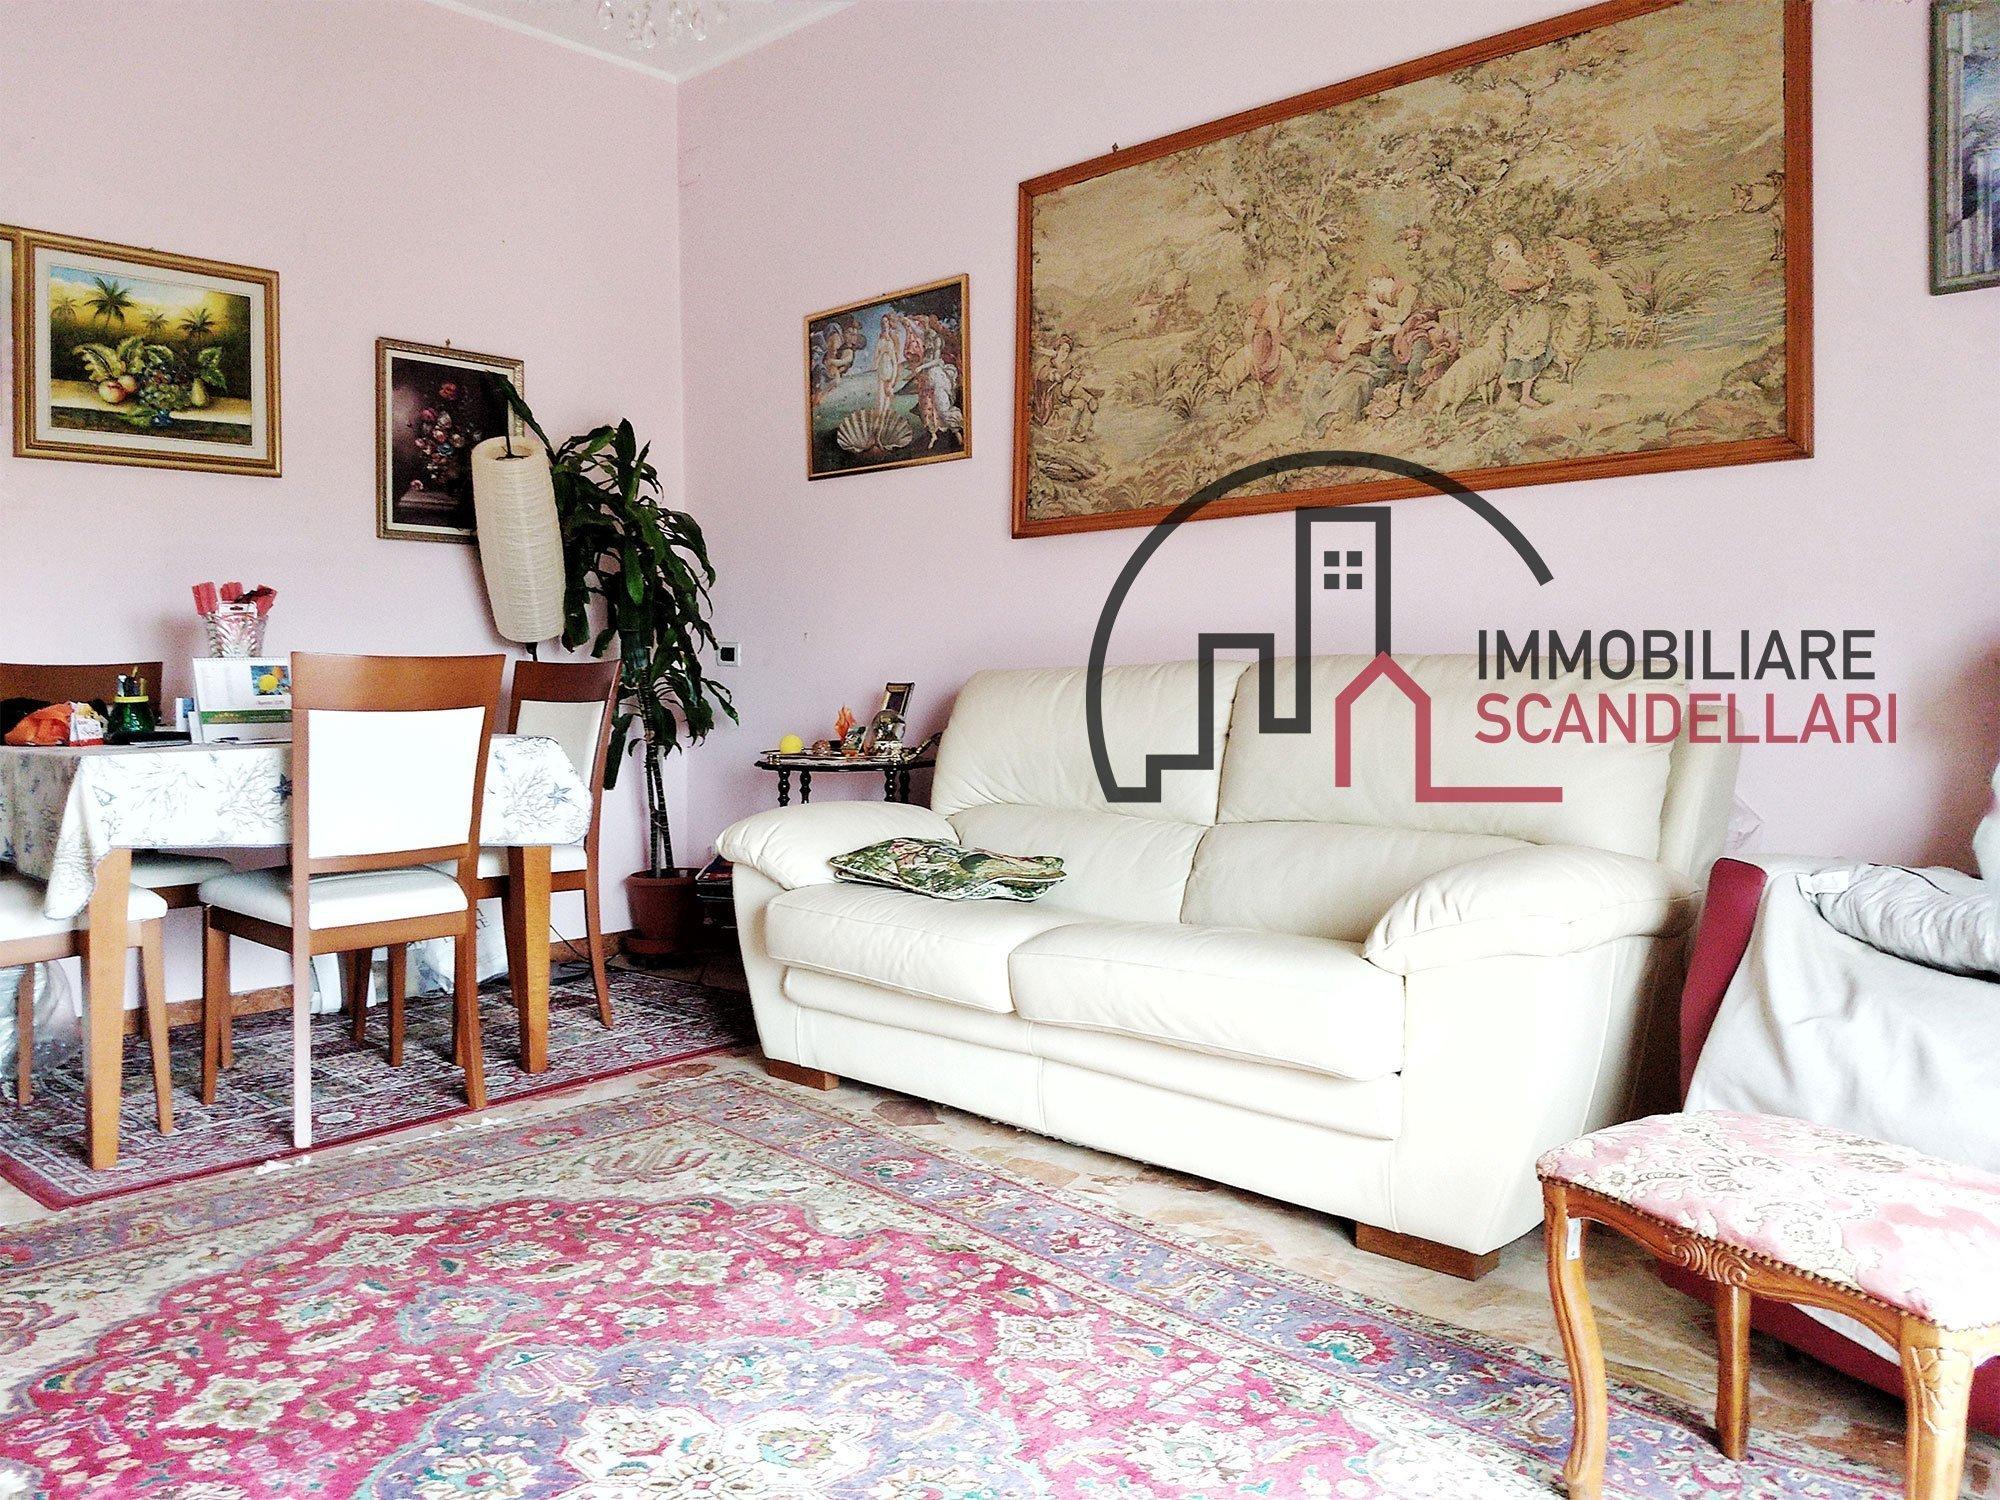 Rimini - Miramare - Appartamento con due camere due bagni - Immobiliare Scandellari